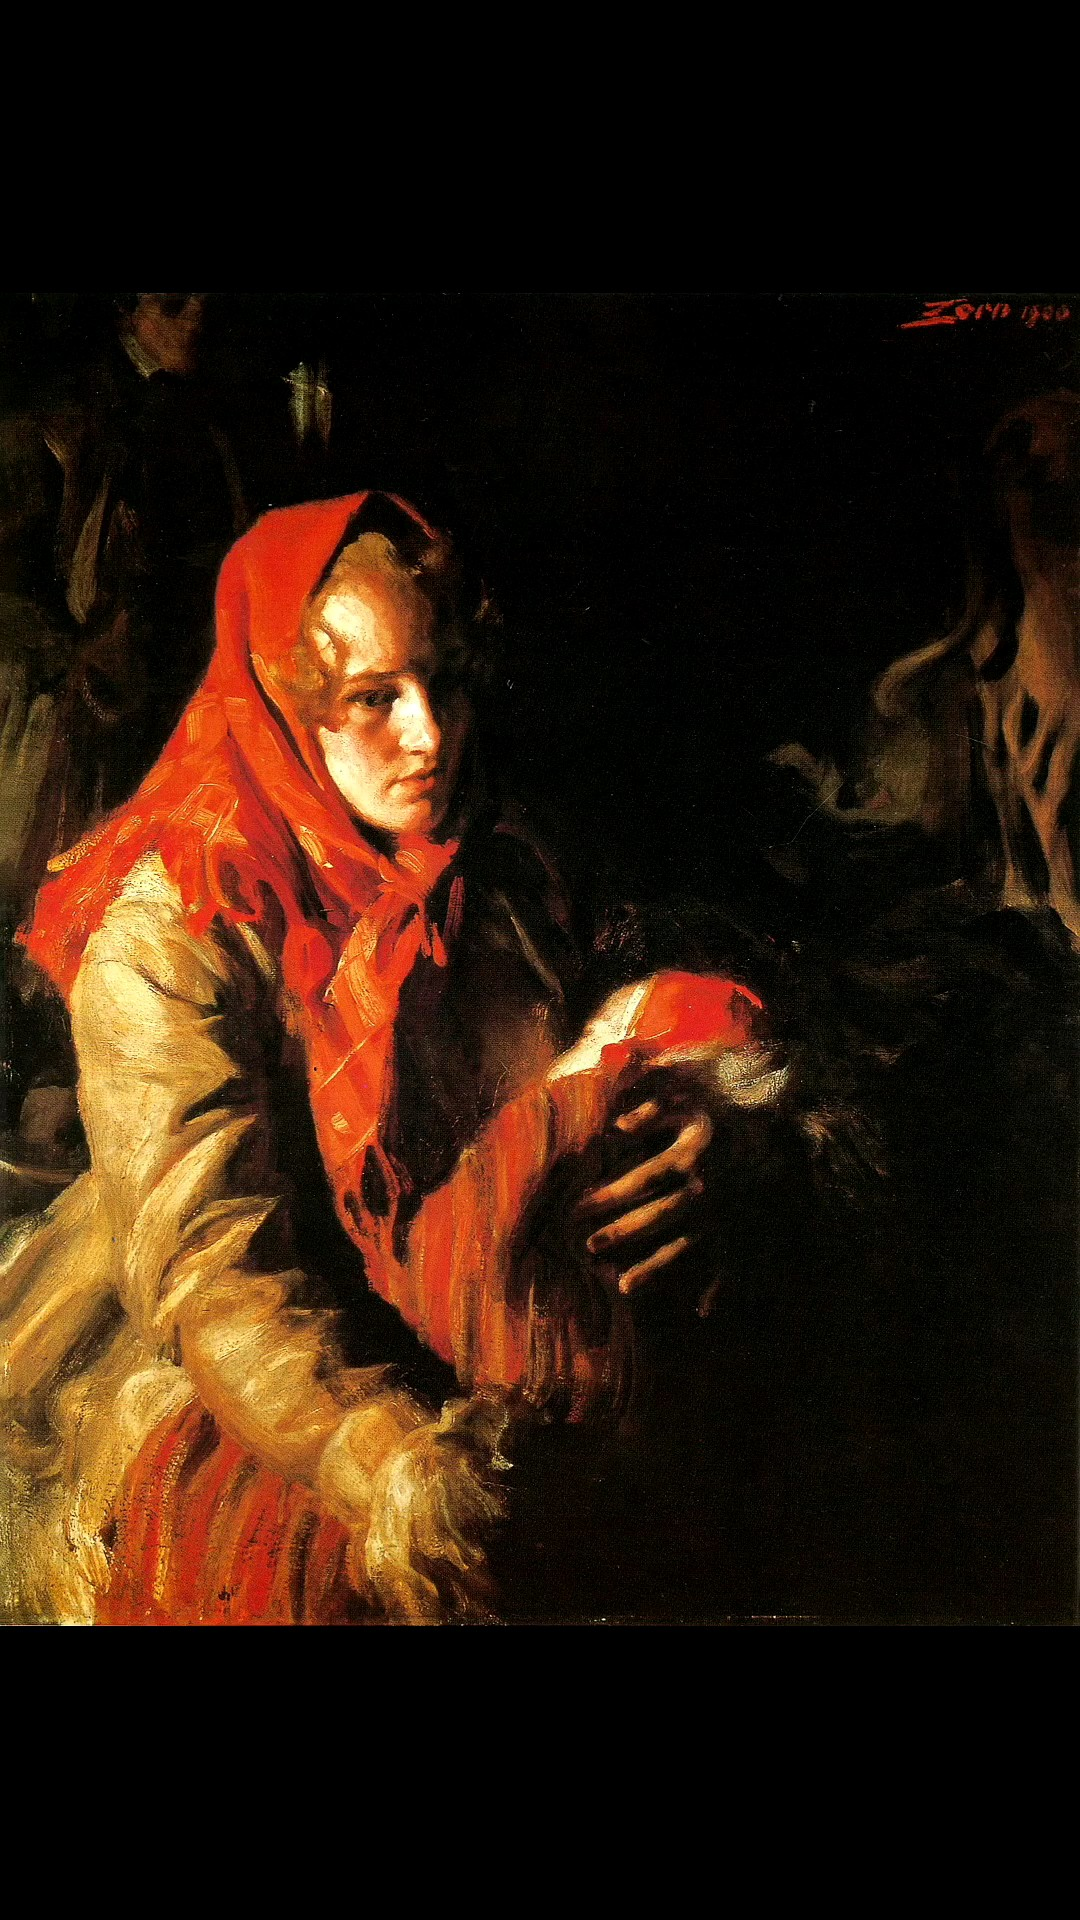 臨摹一張佐恩的作品來體驗音樂與繪畫的雙重享受吧